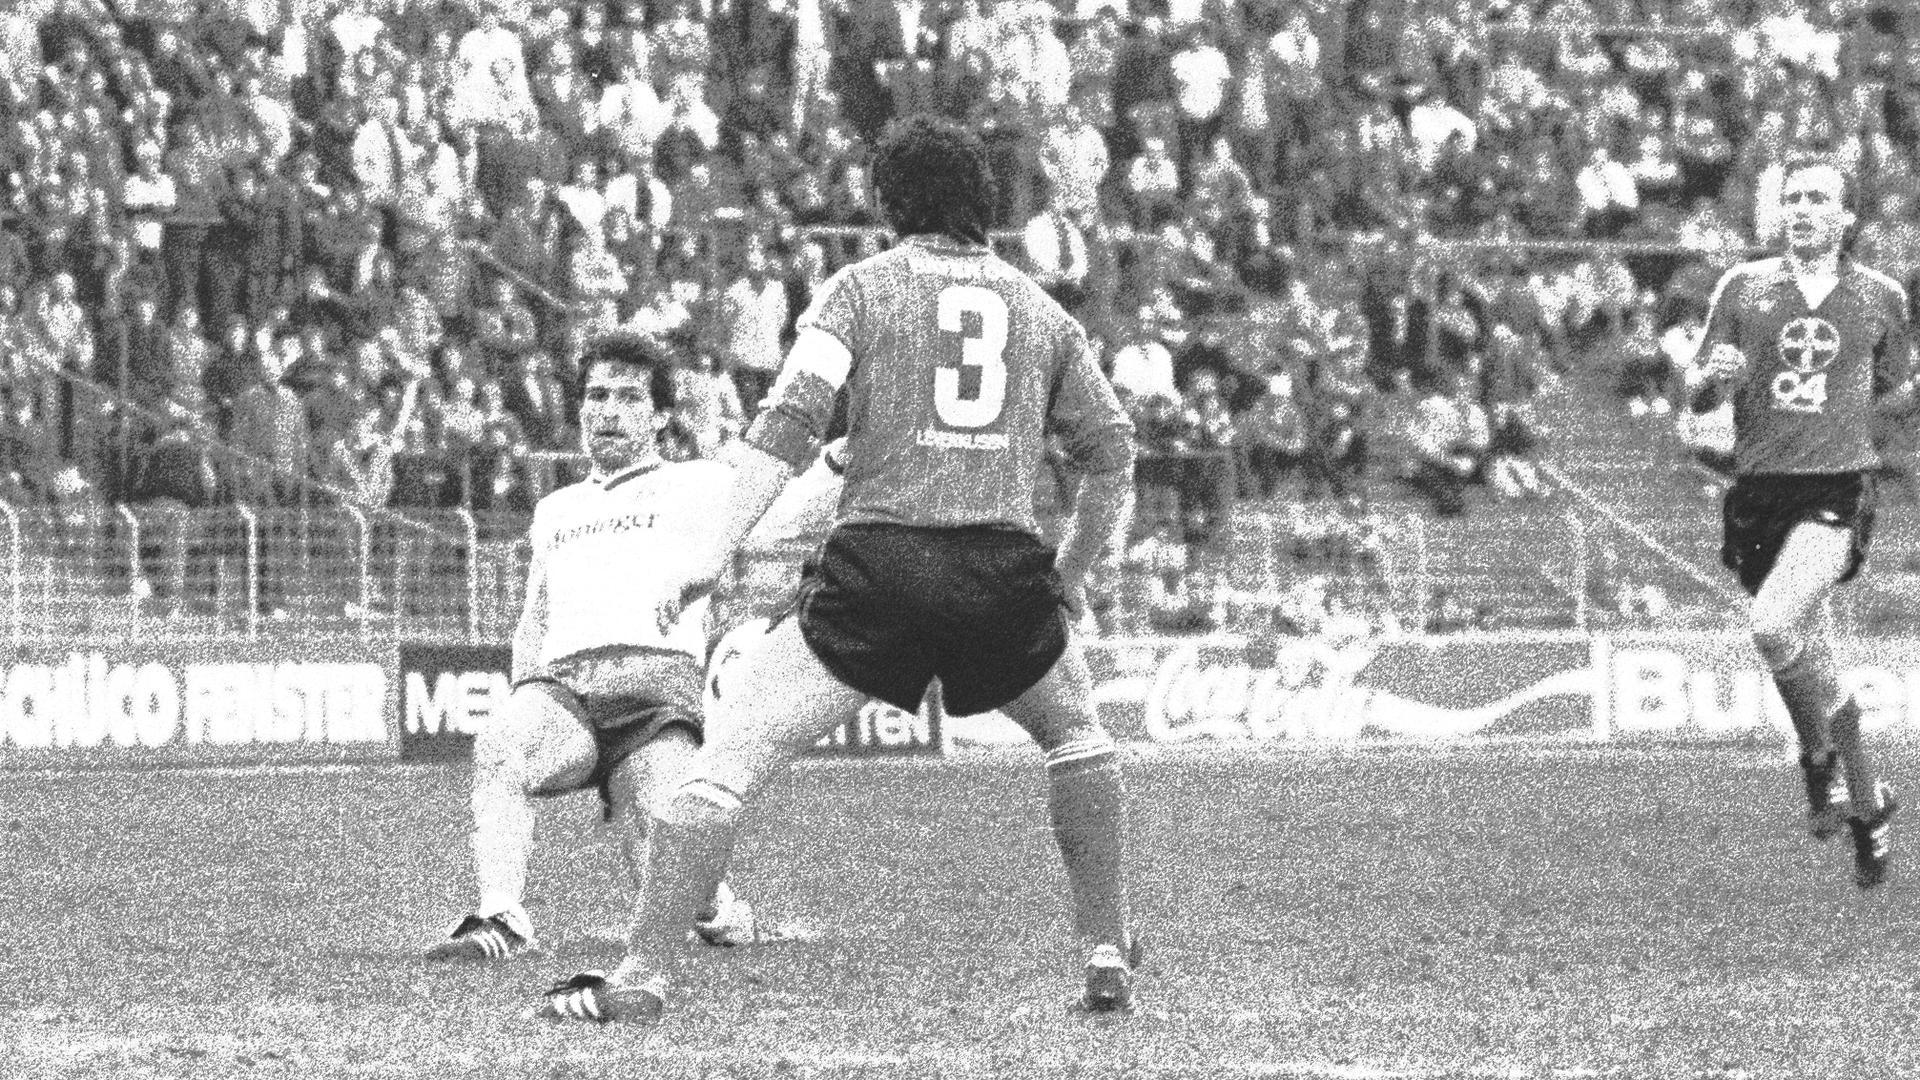 Aus der Klinik auf den Platz: Klaus Theiss am 30. März 1985 im Bundesligaspiel des Karlsruher SC gegen Bayer Leverkusen im Wildparkstadion.